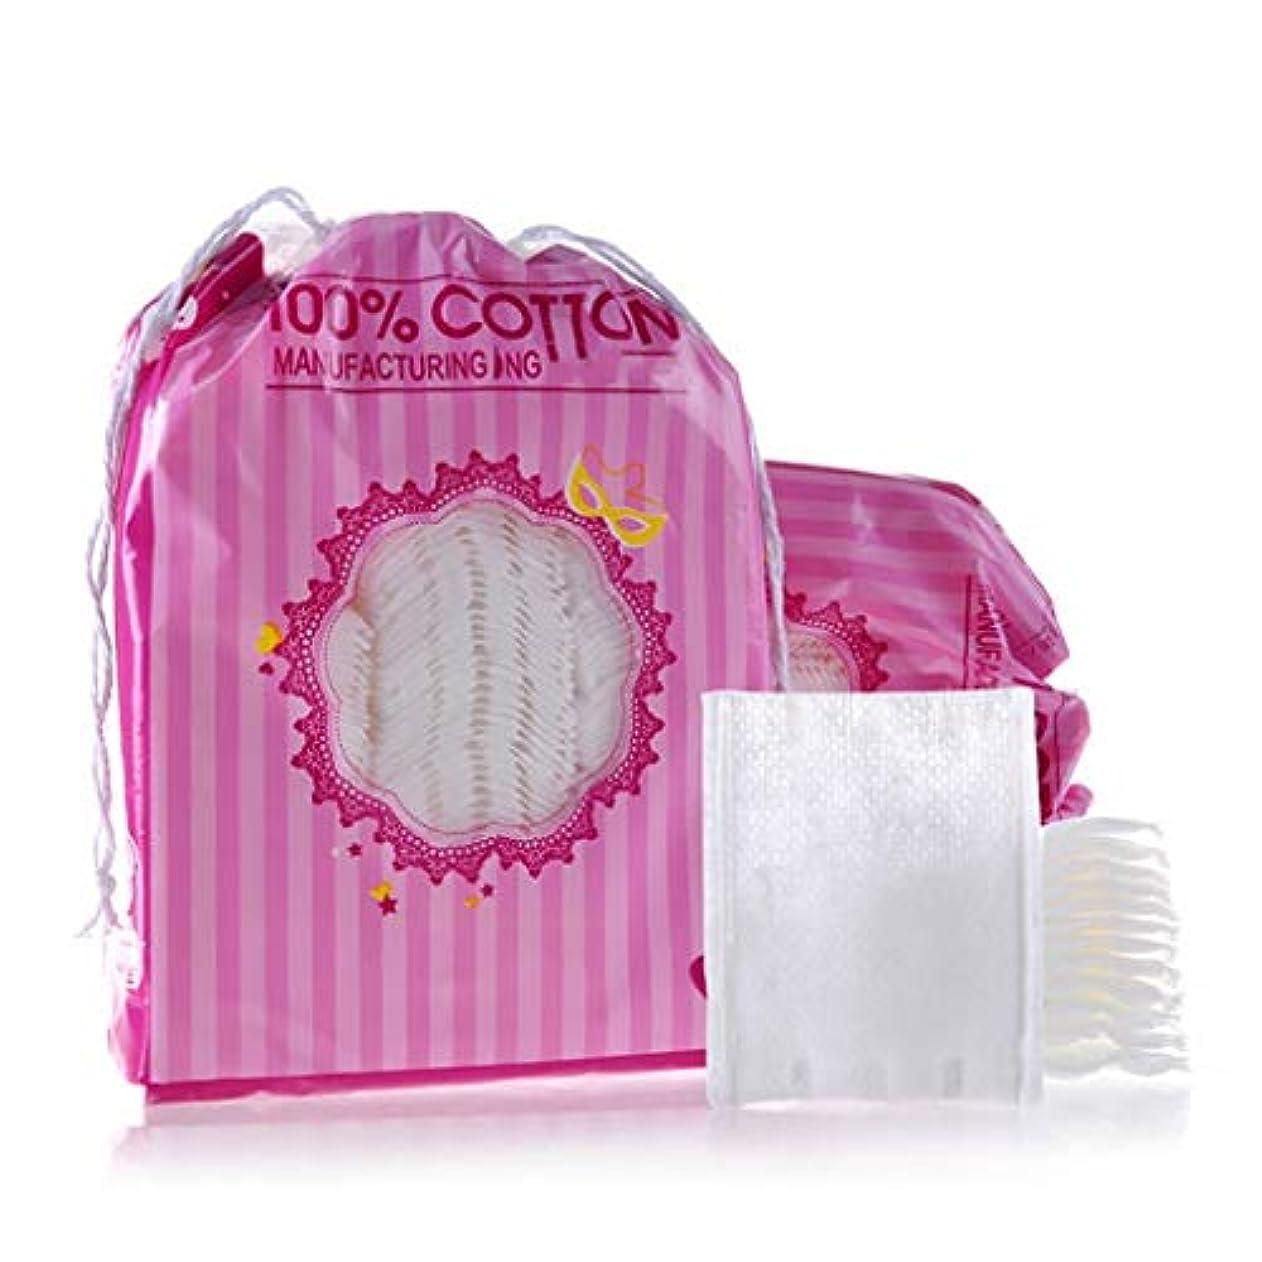 ポット誠実つまずくクレンジングシート 200ピースコットンメイクアップリムーバーパッドソフトオーガニックネイルポリッシュワイプ両面フェイスクレンジング美容化粧品パッド (Color : White)